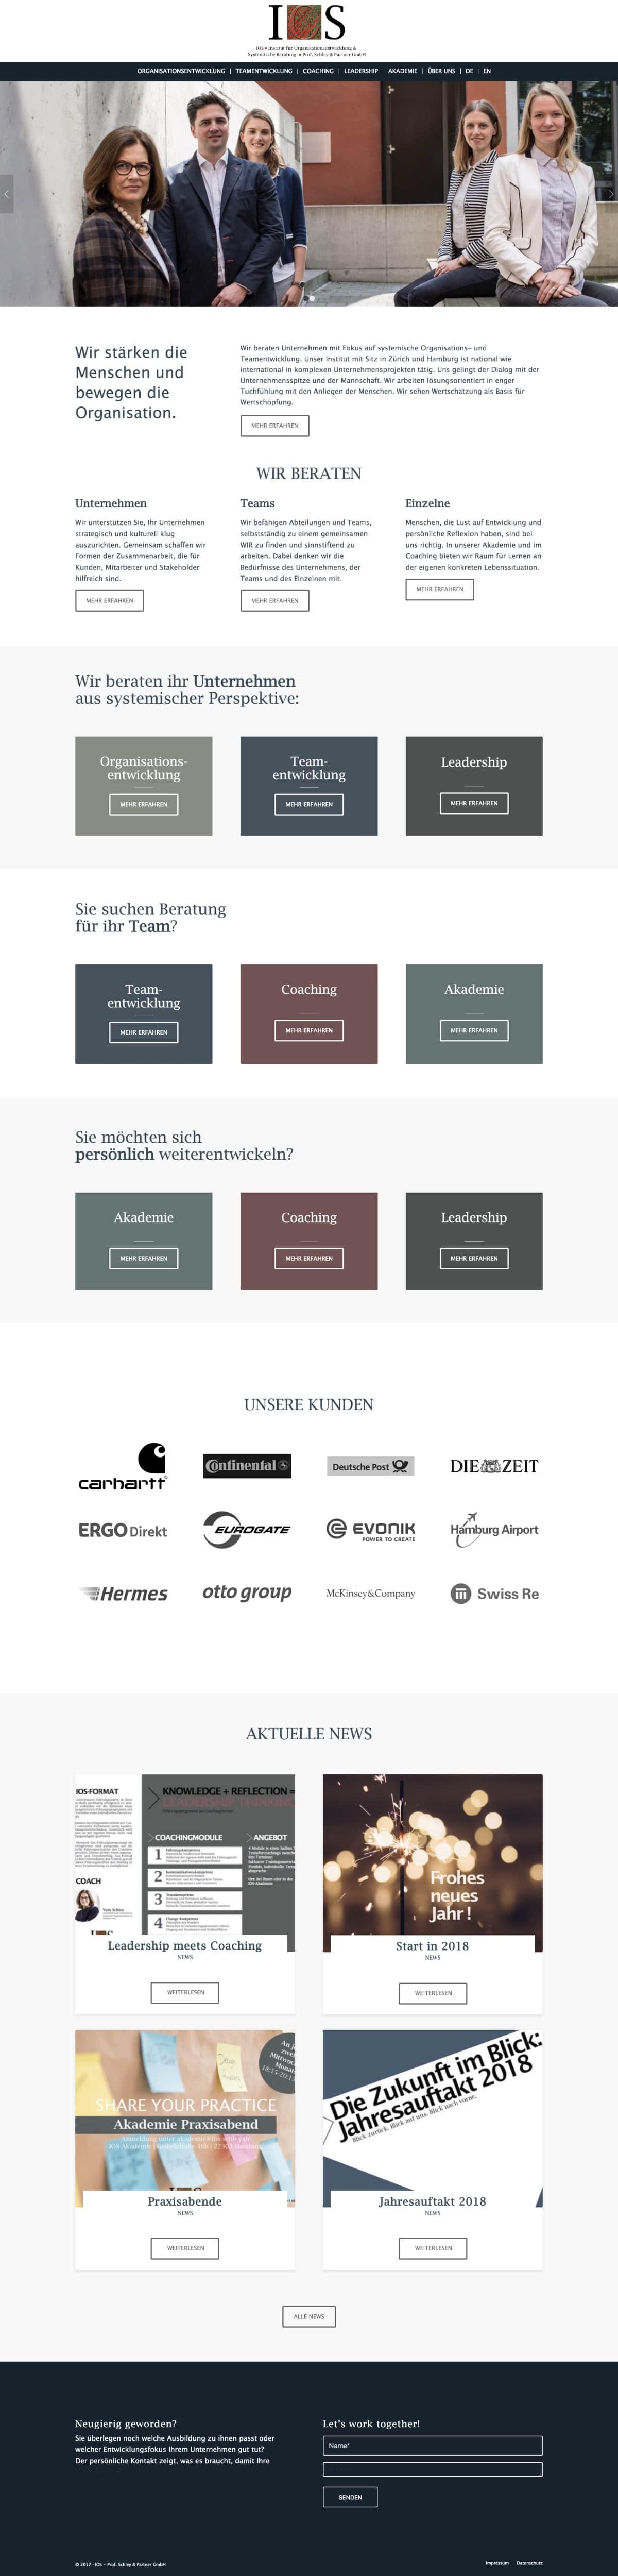 WebsiteIOS Schley